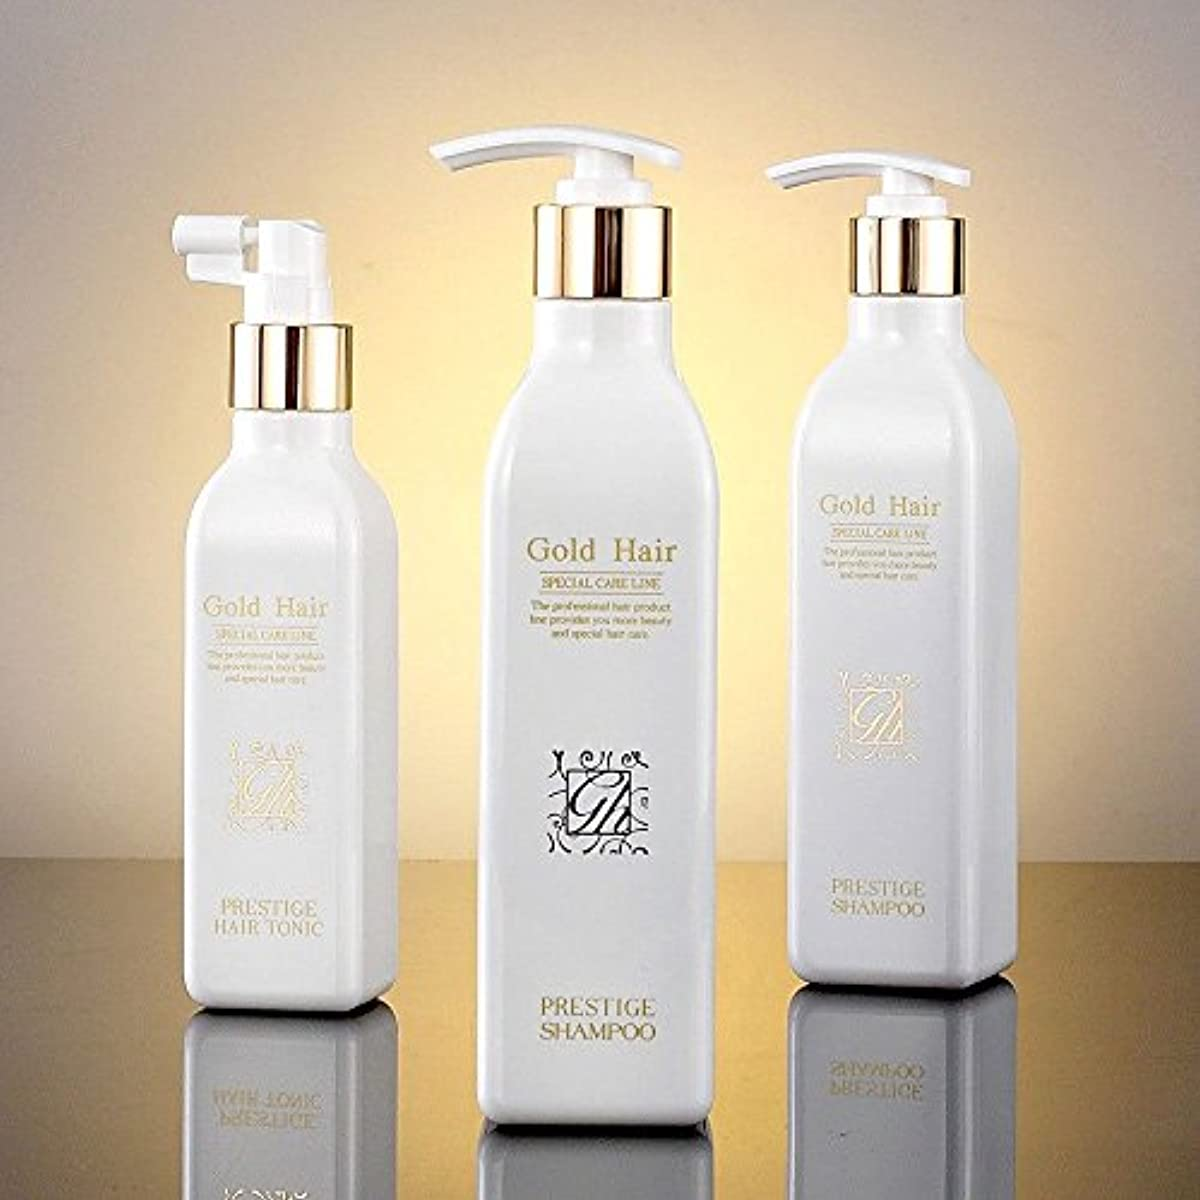 昆虫チケットテニスゴールドヘア育毛シャンプー2個&トニック1個 漢方シャンプー /Herbal Hair Loss Fast Regrowth Shampoo 100% Natural Patented Set of 3(2 shampoo...